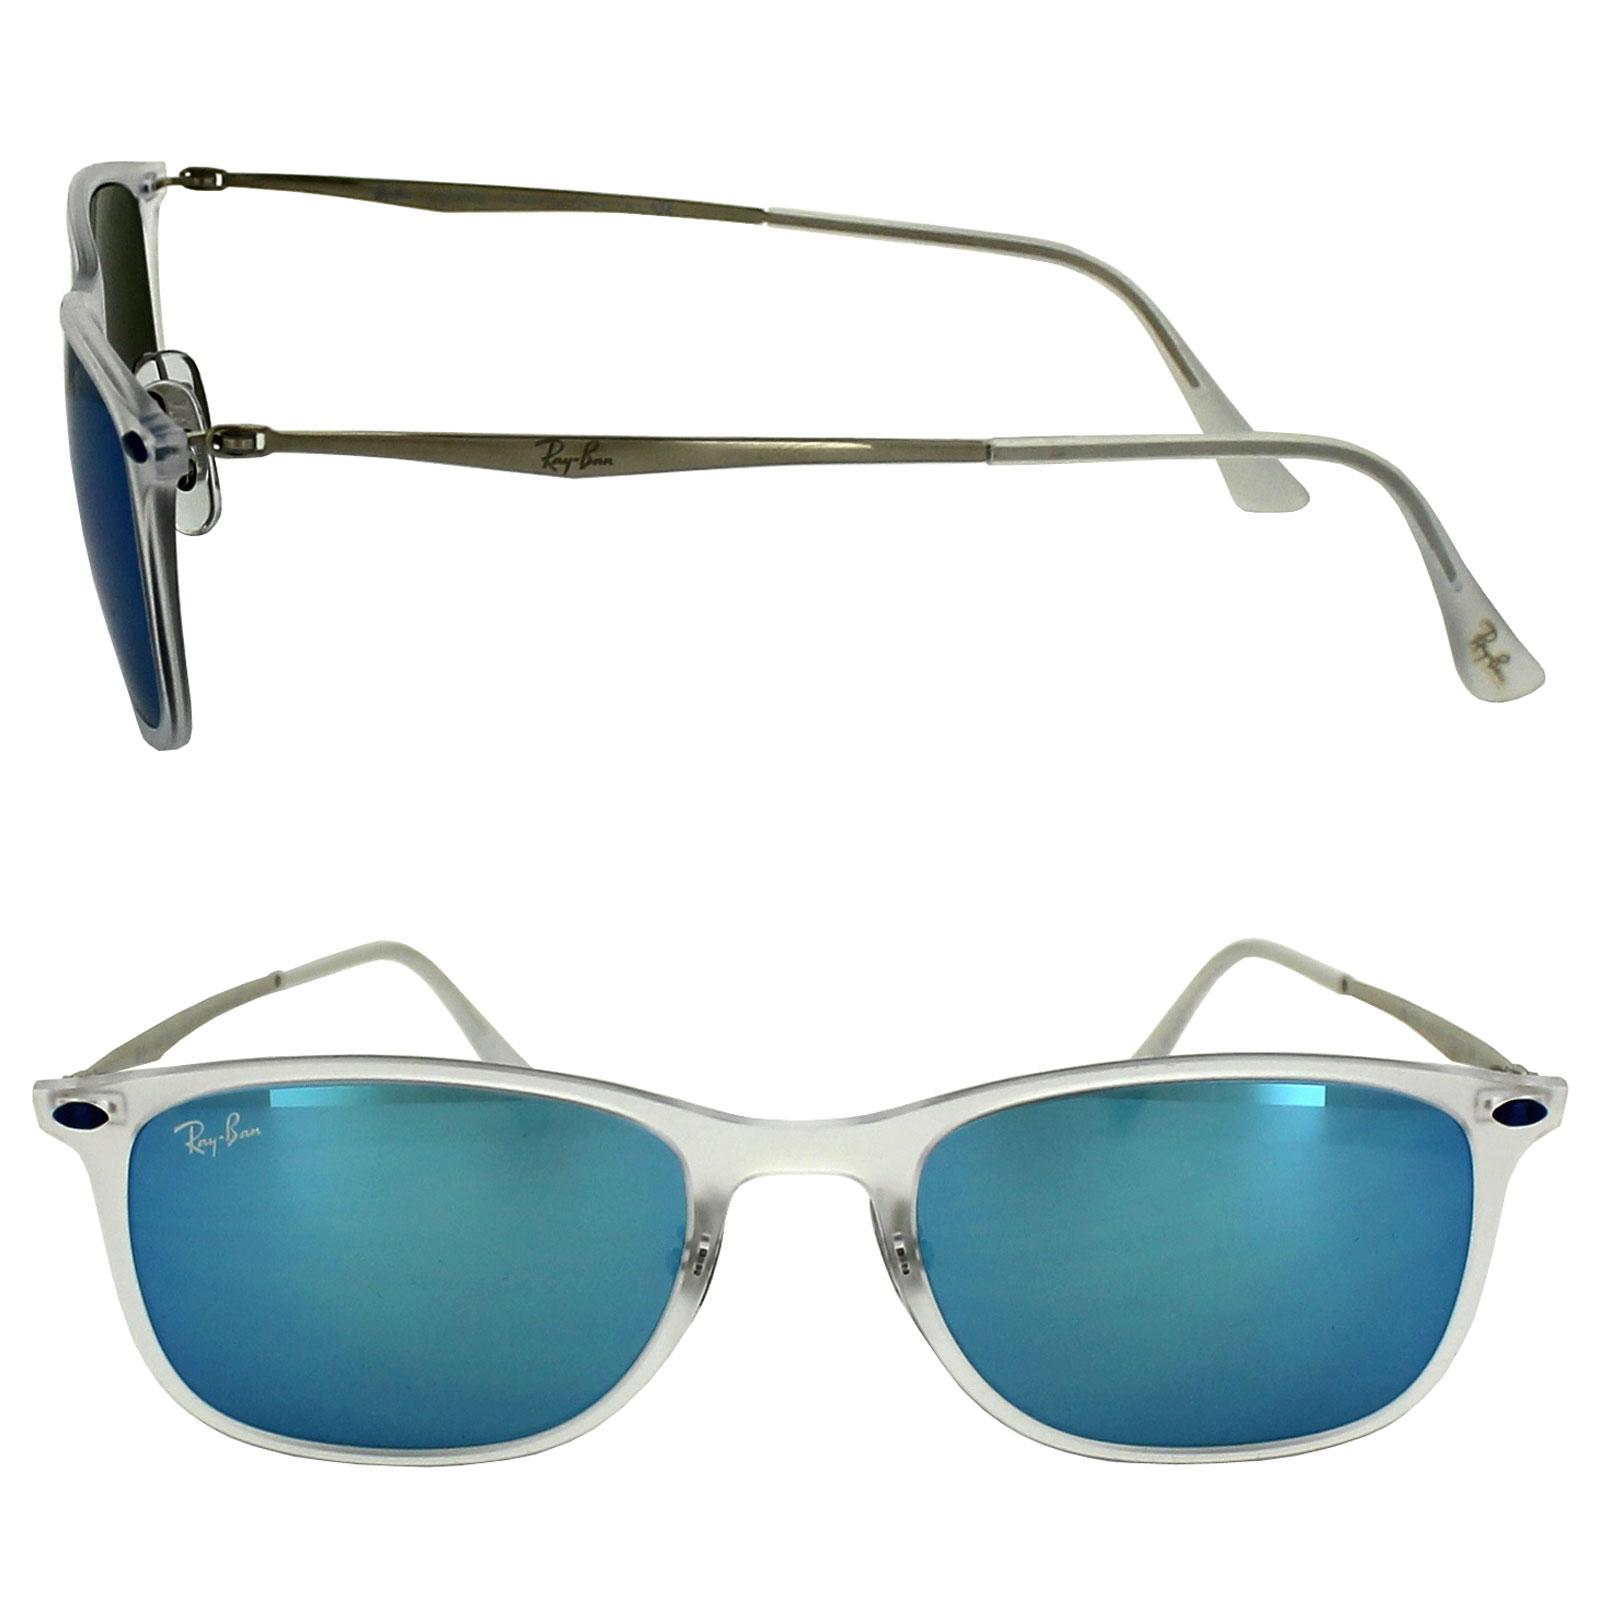 Cheap Ray Ban New Wayfarer Light Ray 4225 Sunglasses